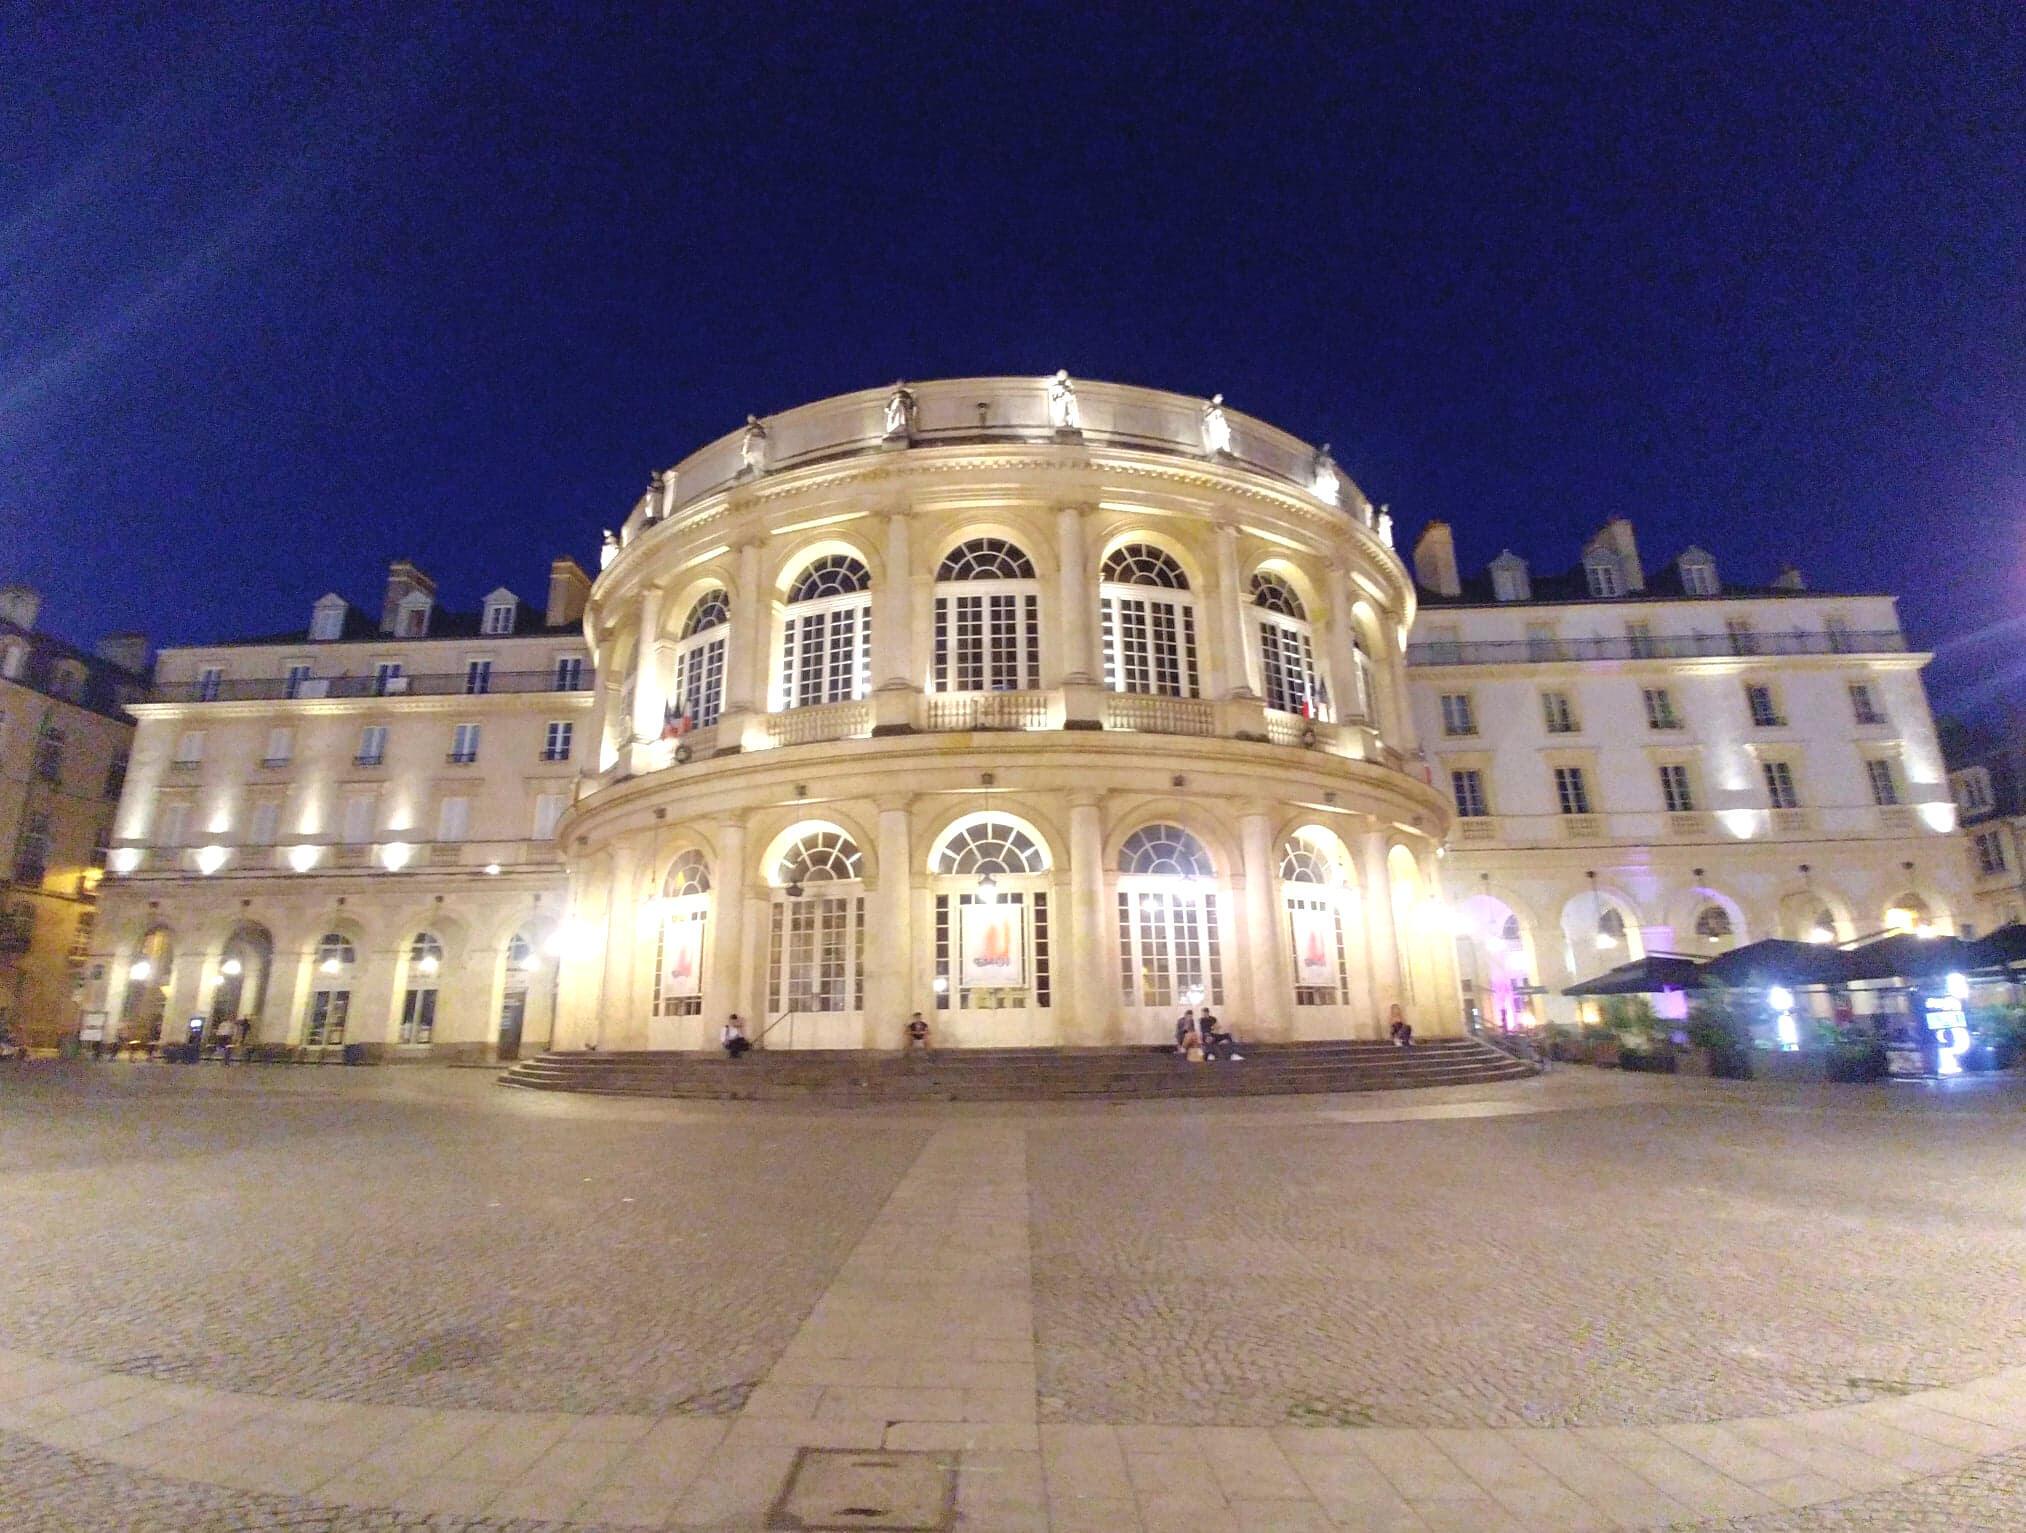 Nhà hát lớn thành phố Rennes cũng được thắp sáng ban đêm